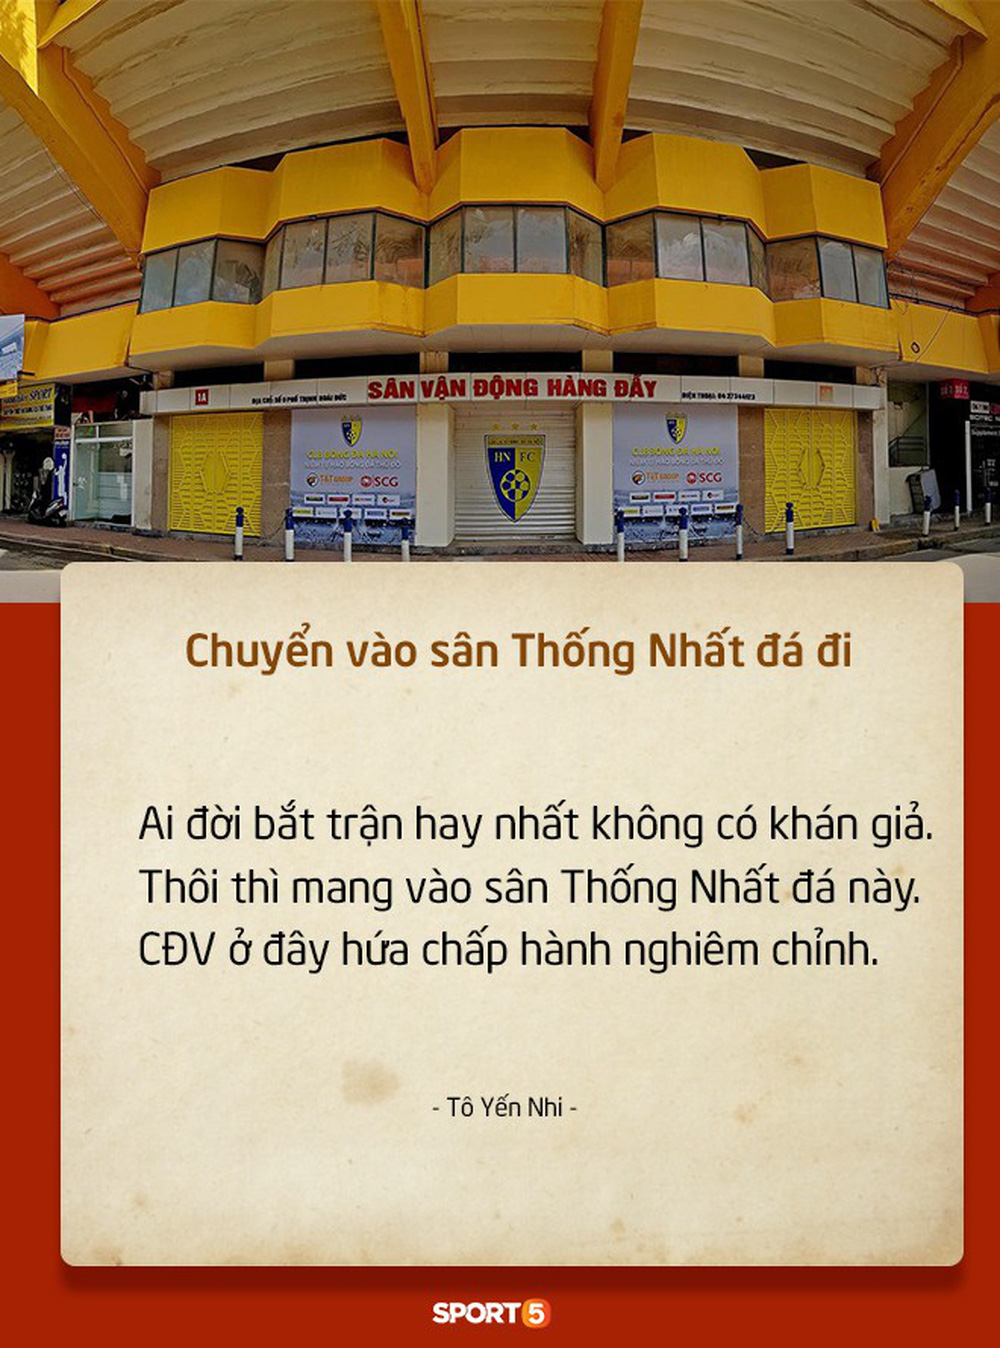 Fan Việt tranh cãi nảy lửa chuyện sân Hàng Đẫy bị treo vì CĐV Hải Phòng đốt pháo sáng - Ảnh 8.